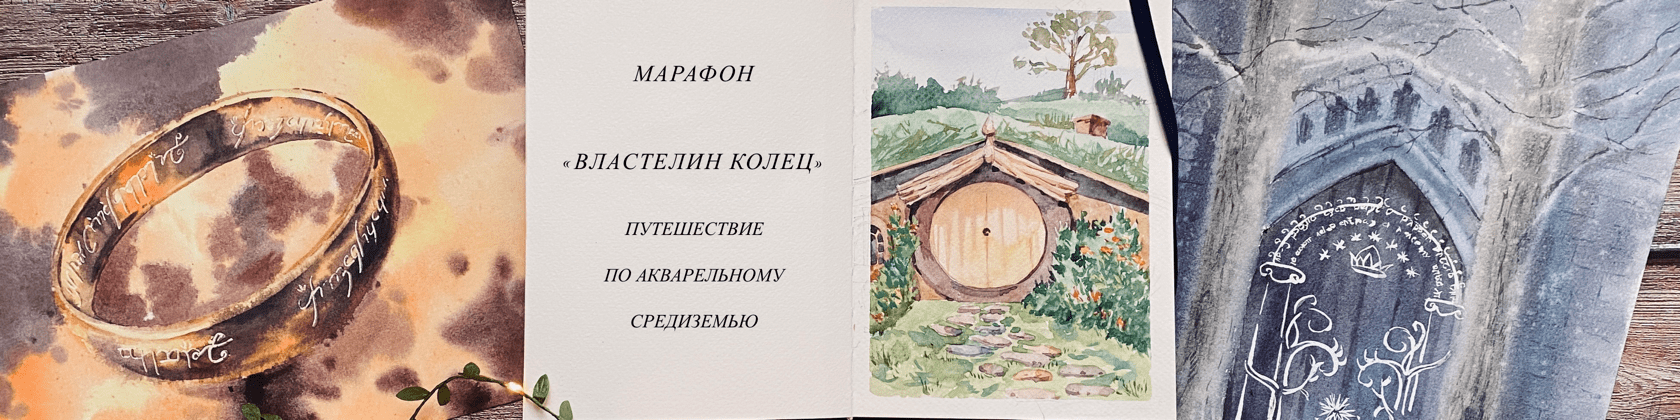 https://samouchka-school.ru/courses/zapis-marafona-po-risovaniyu-akvarelyu-vlastelin-kolec